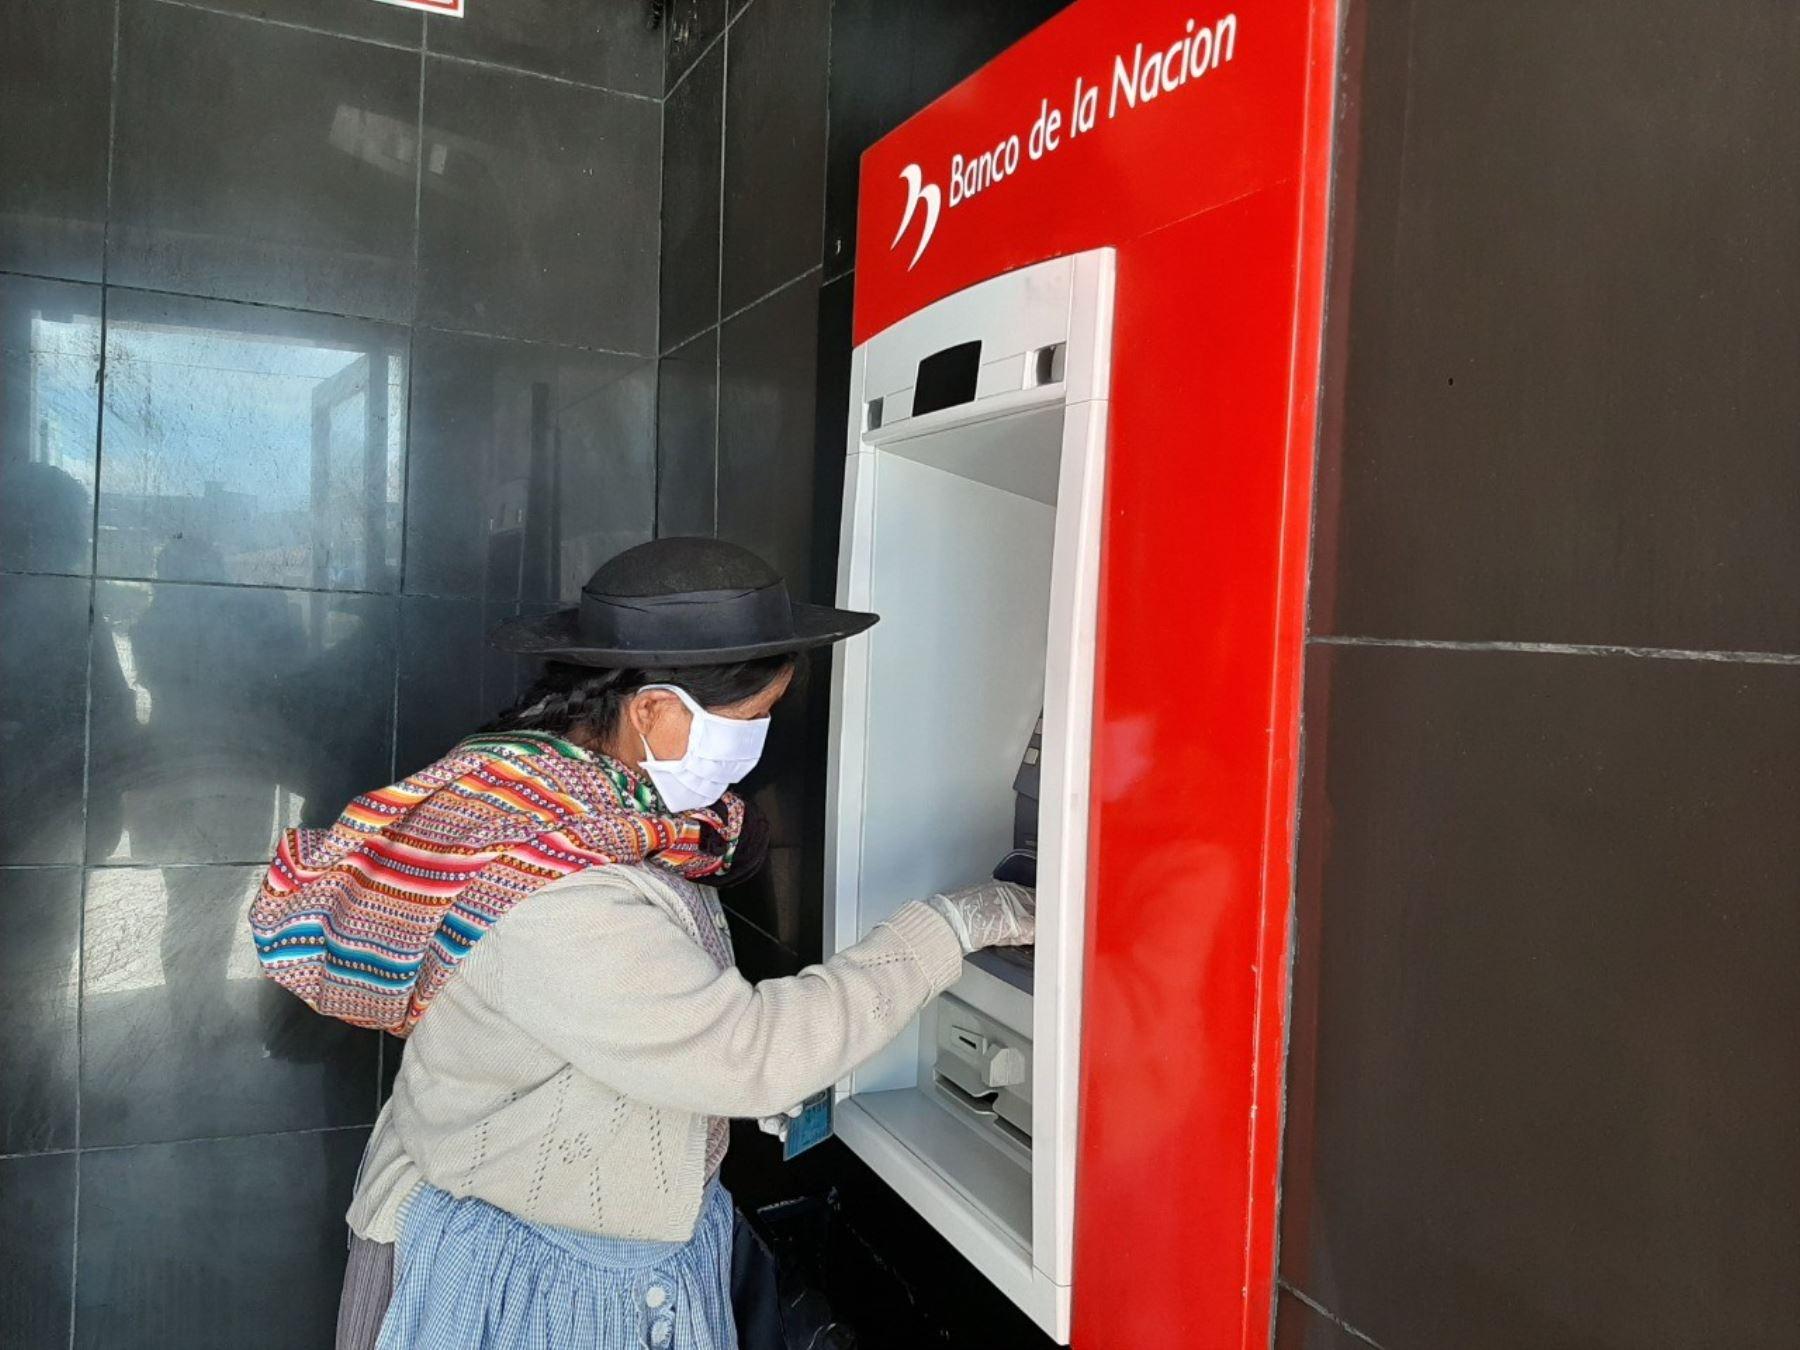 Beneficiarios de Juntos reciben subsidio en las agencias del Banco de la Nación. ANDINA/Difusión